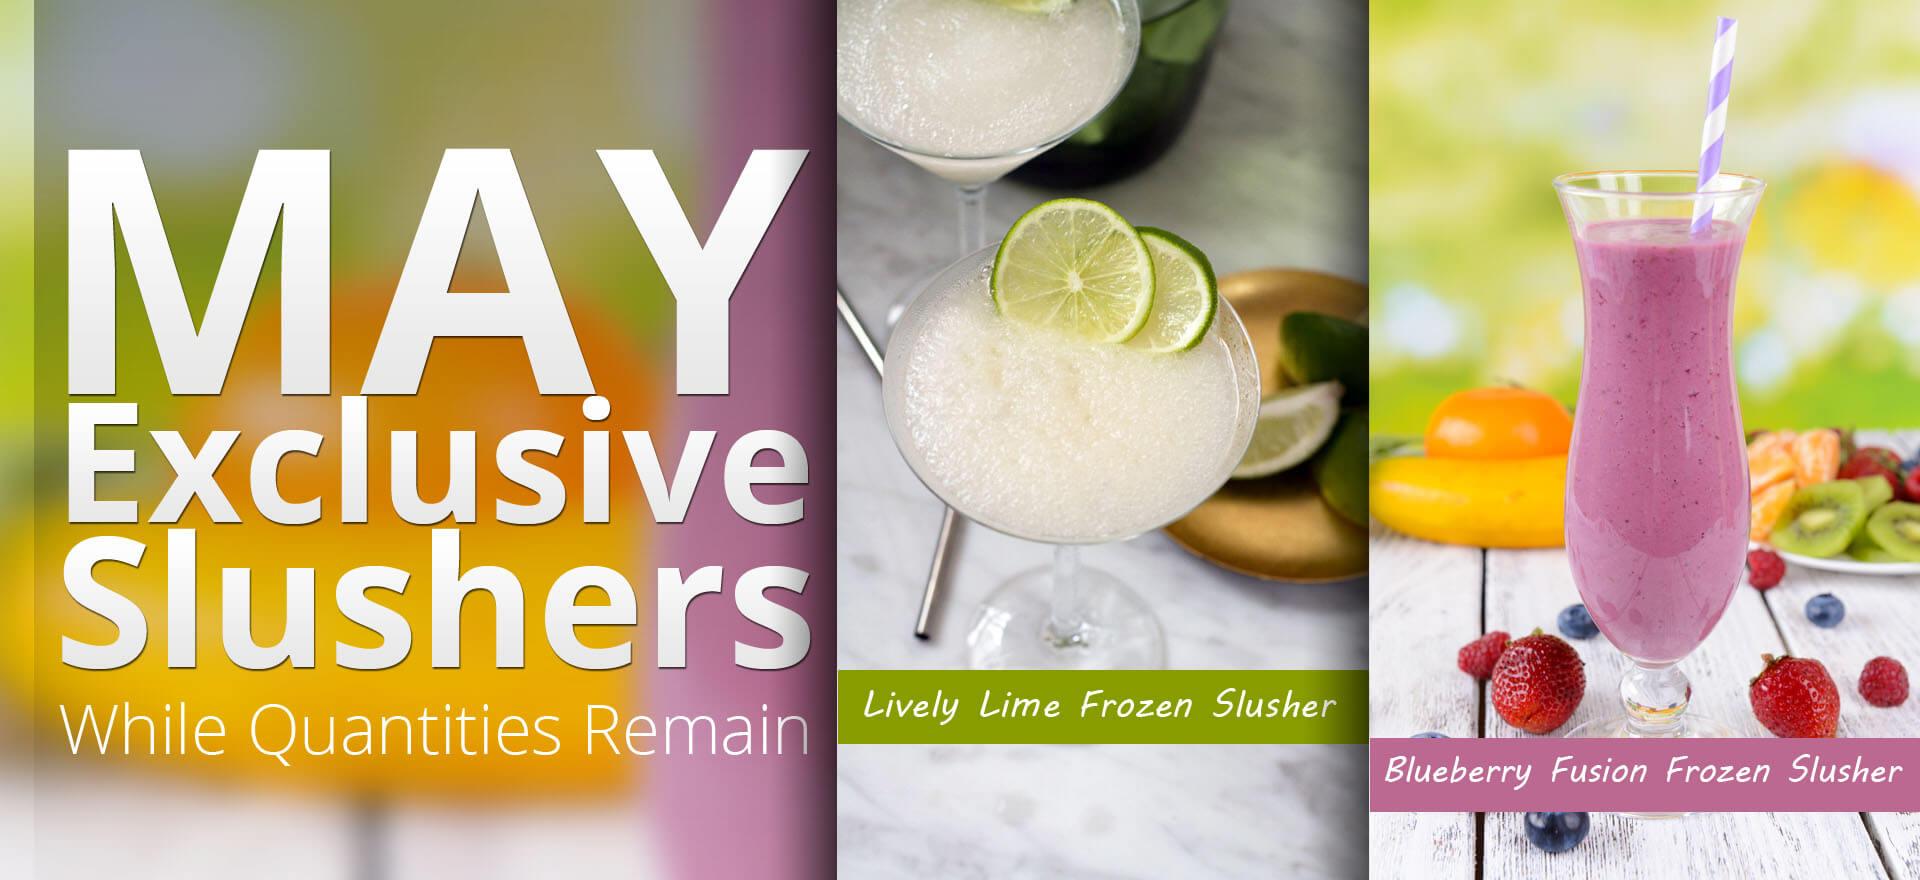 Frozen-Slusher-Promotion-May